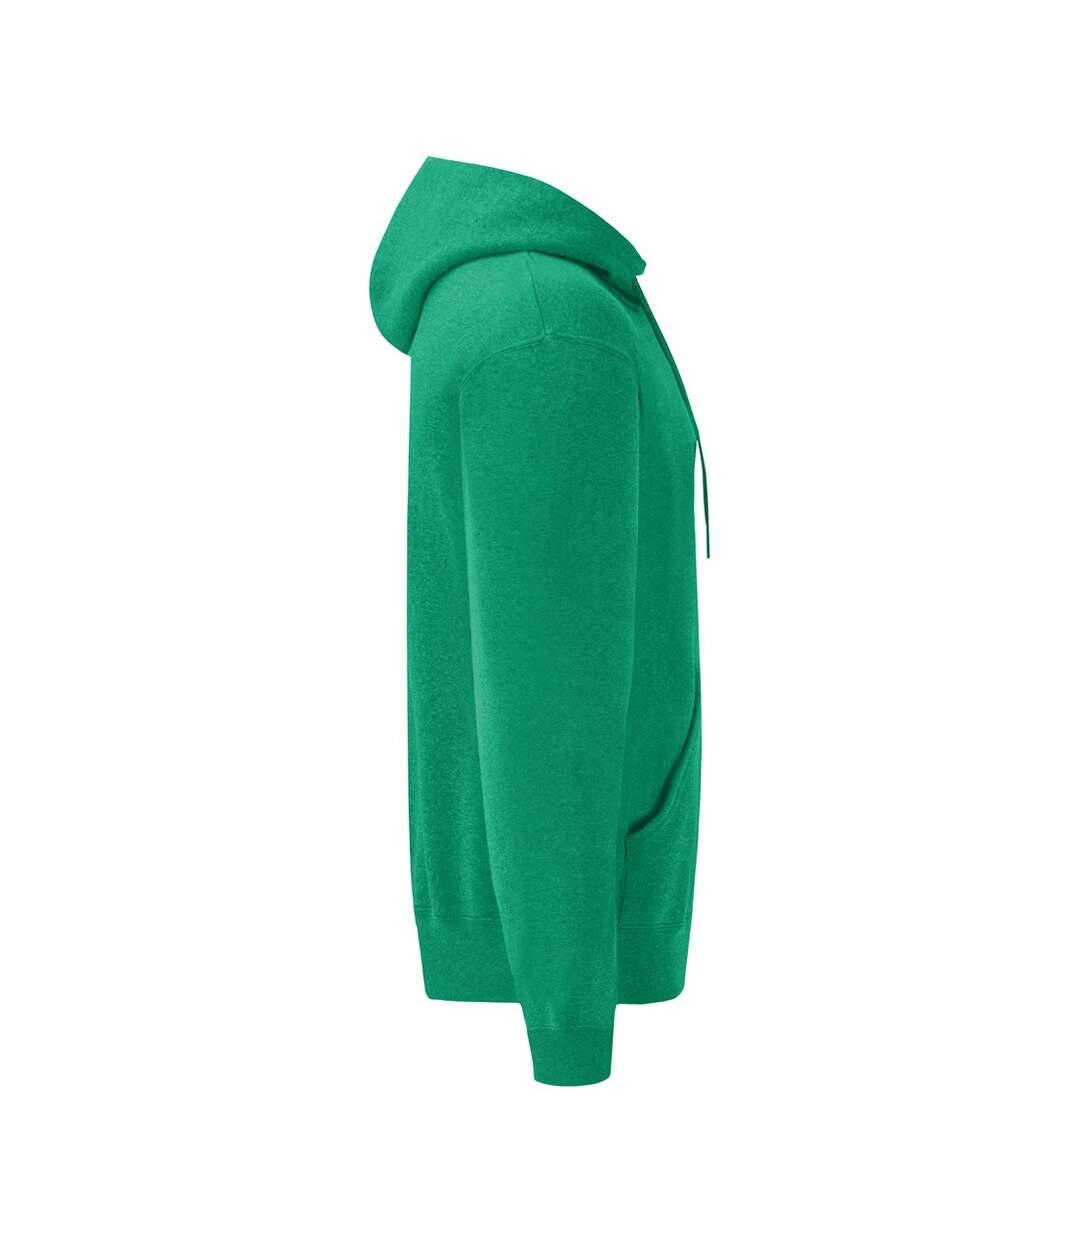 Fruit Of The Loom Mens Hooded Sweatshirt / Hoodie (Heather Green) - UTBC366